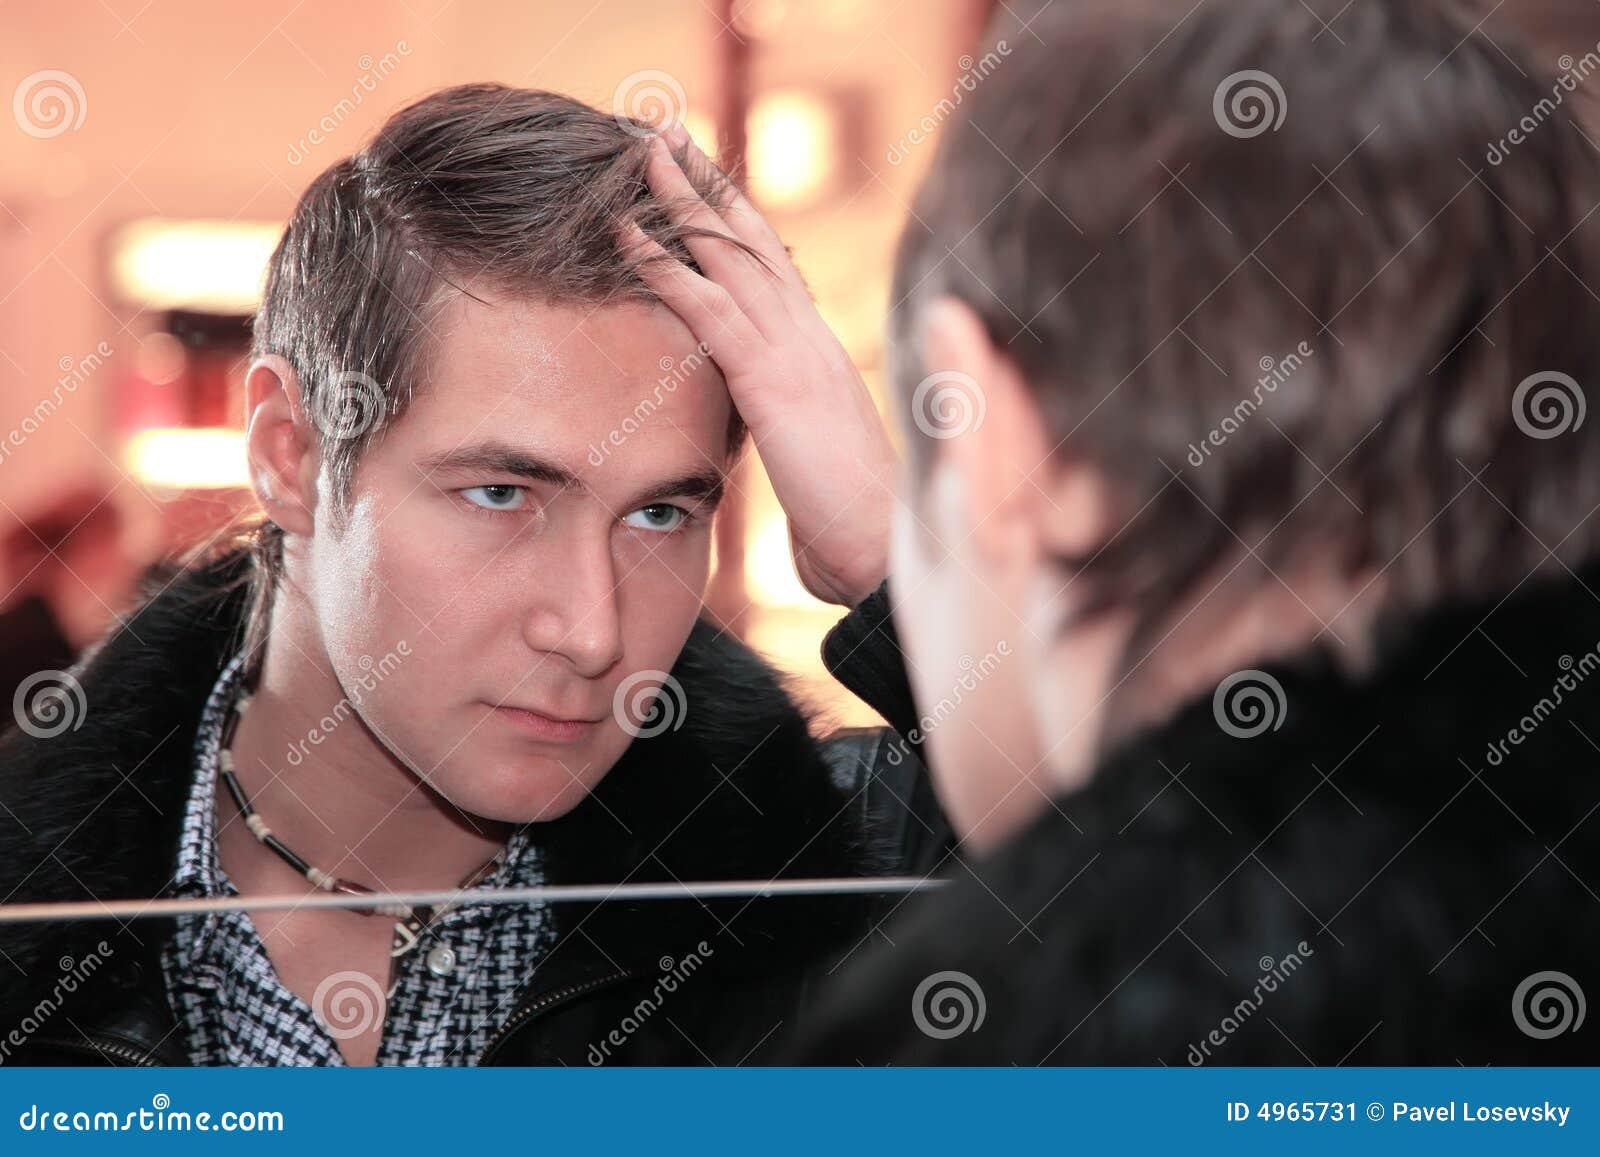 Le jeune homme regarde dans le miroir image stock image for Regarde toi dans un miroir